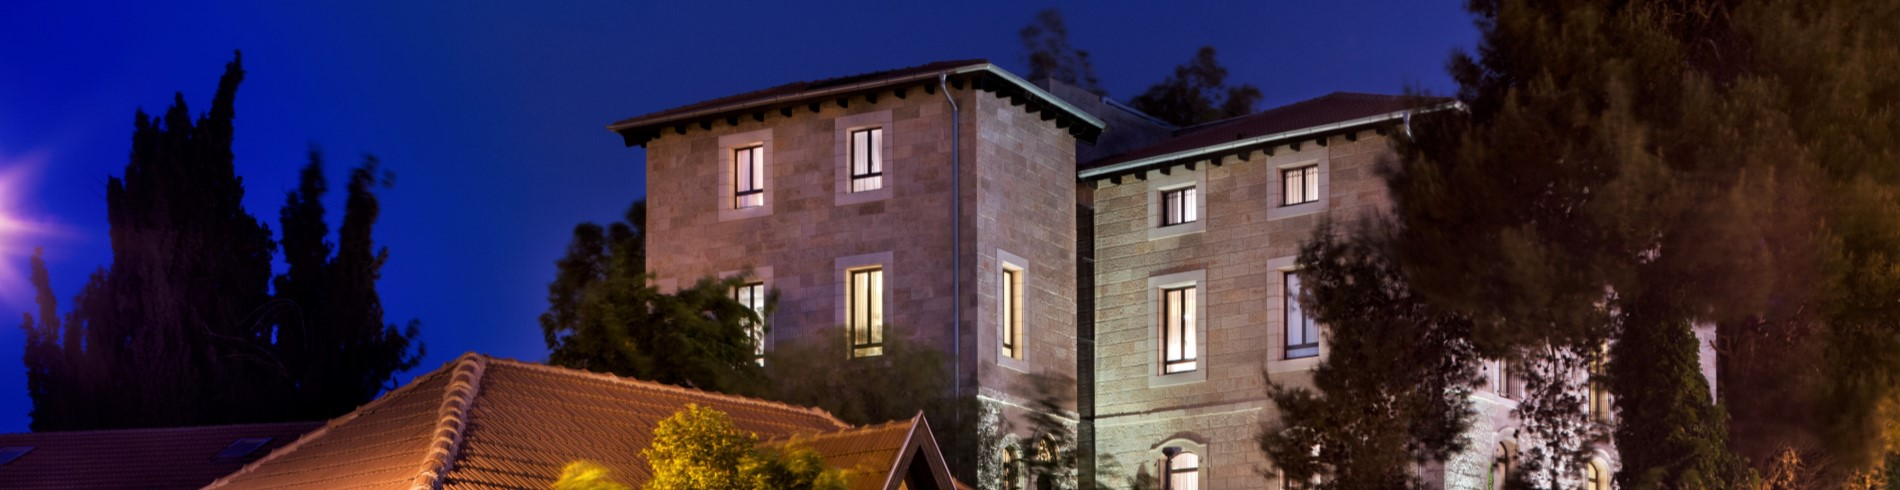 The Villa on Neoclassical Doorways